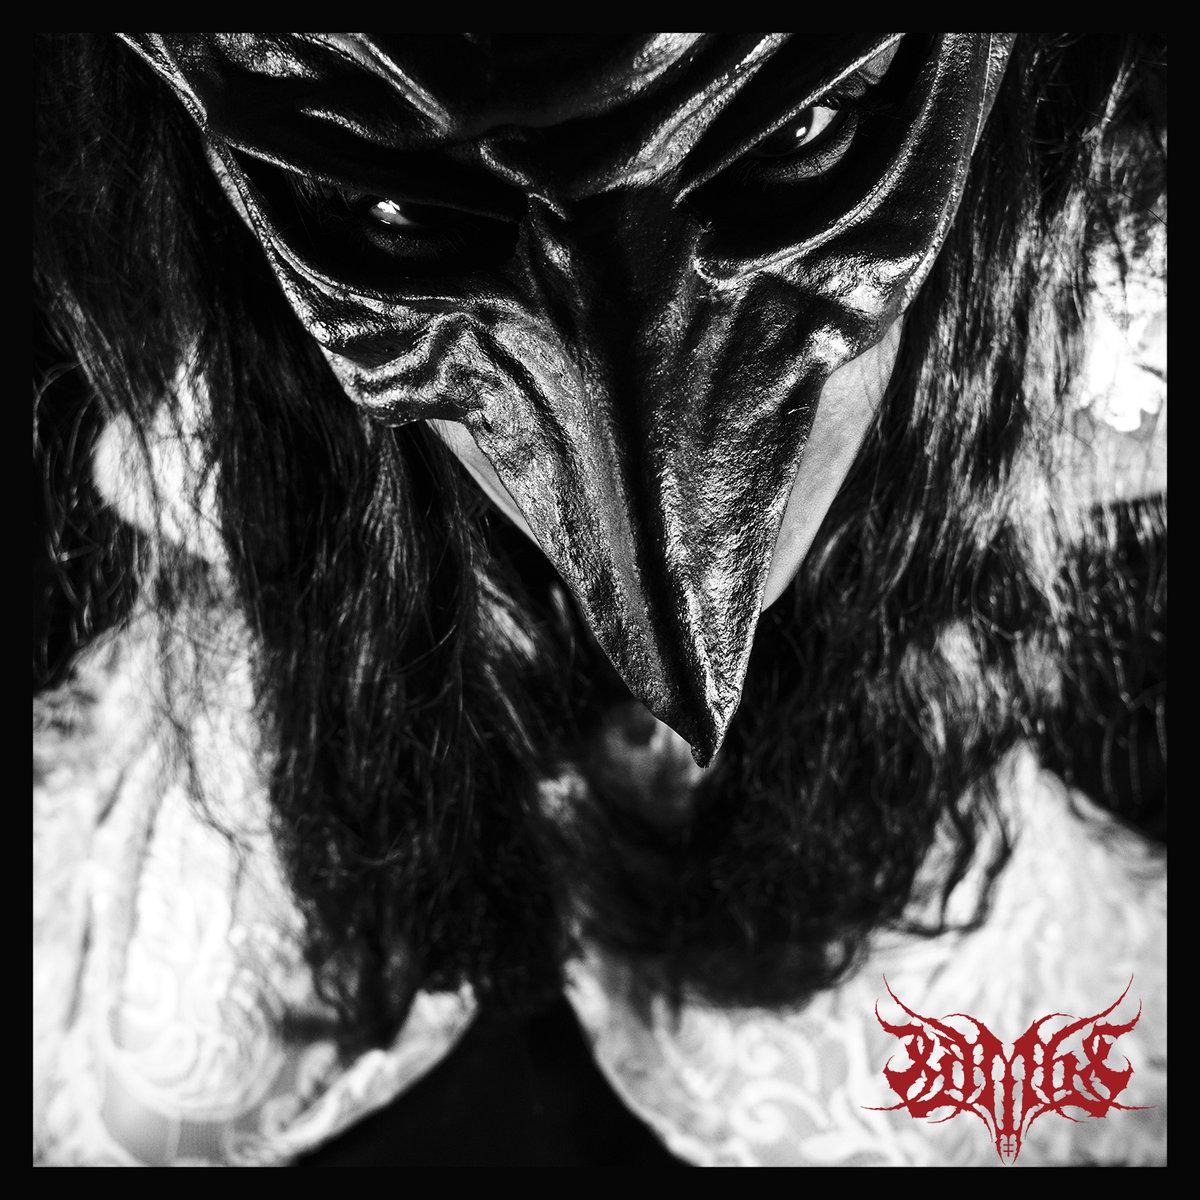 Lambs - Malice 1 - fanzine